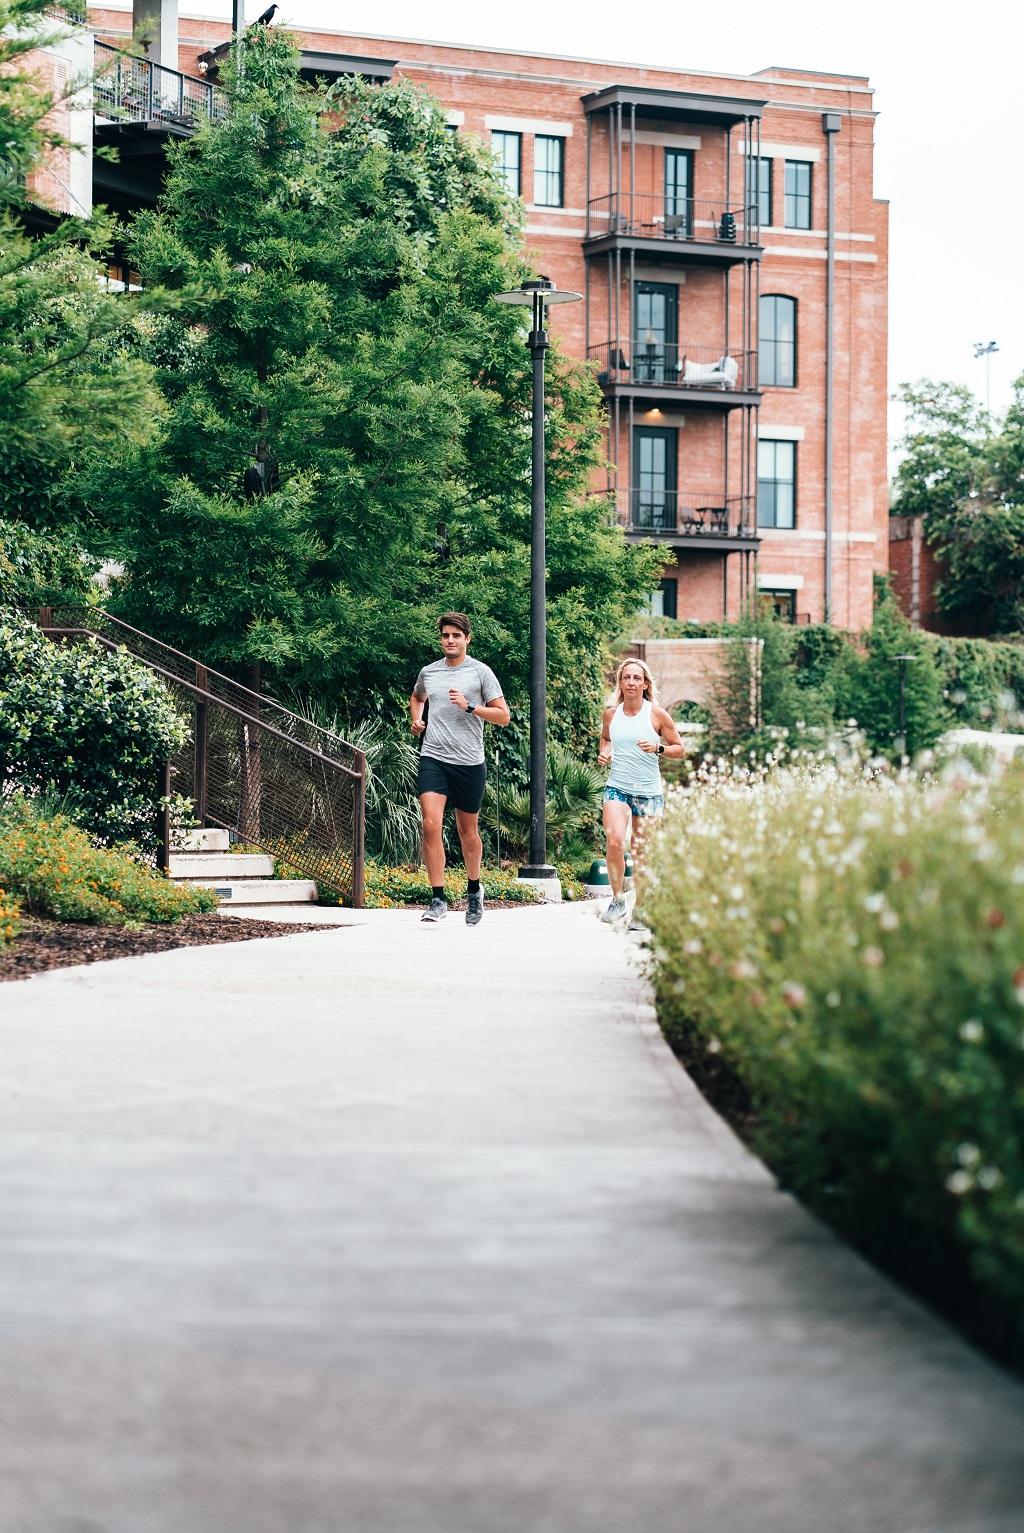 Mann und Frau joggen durch die Stadt